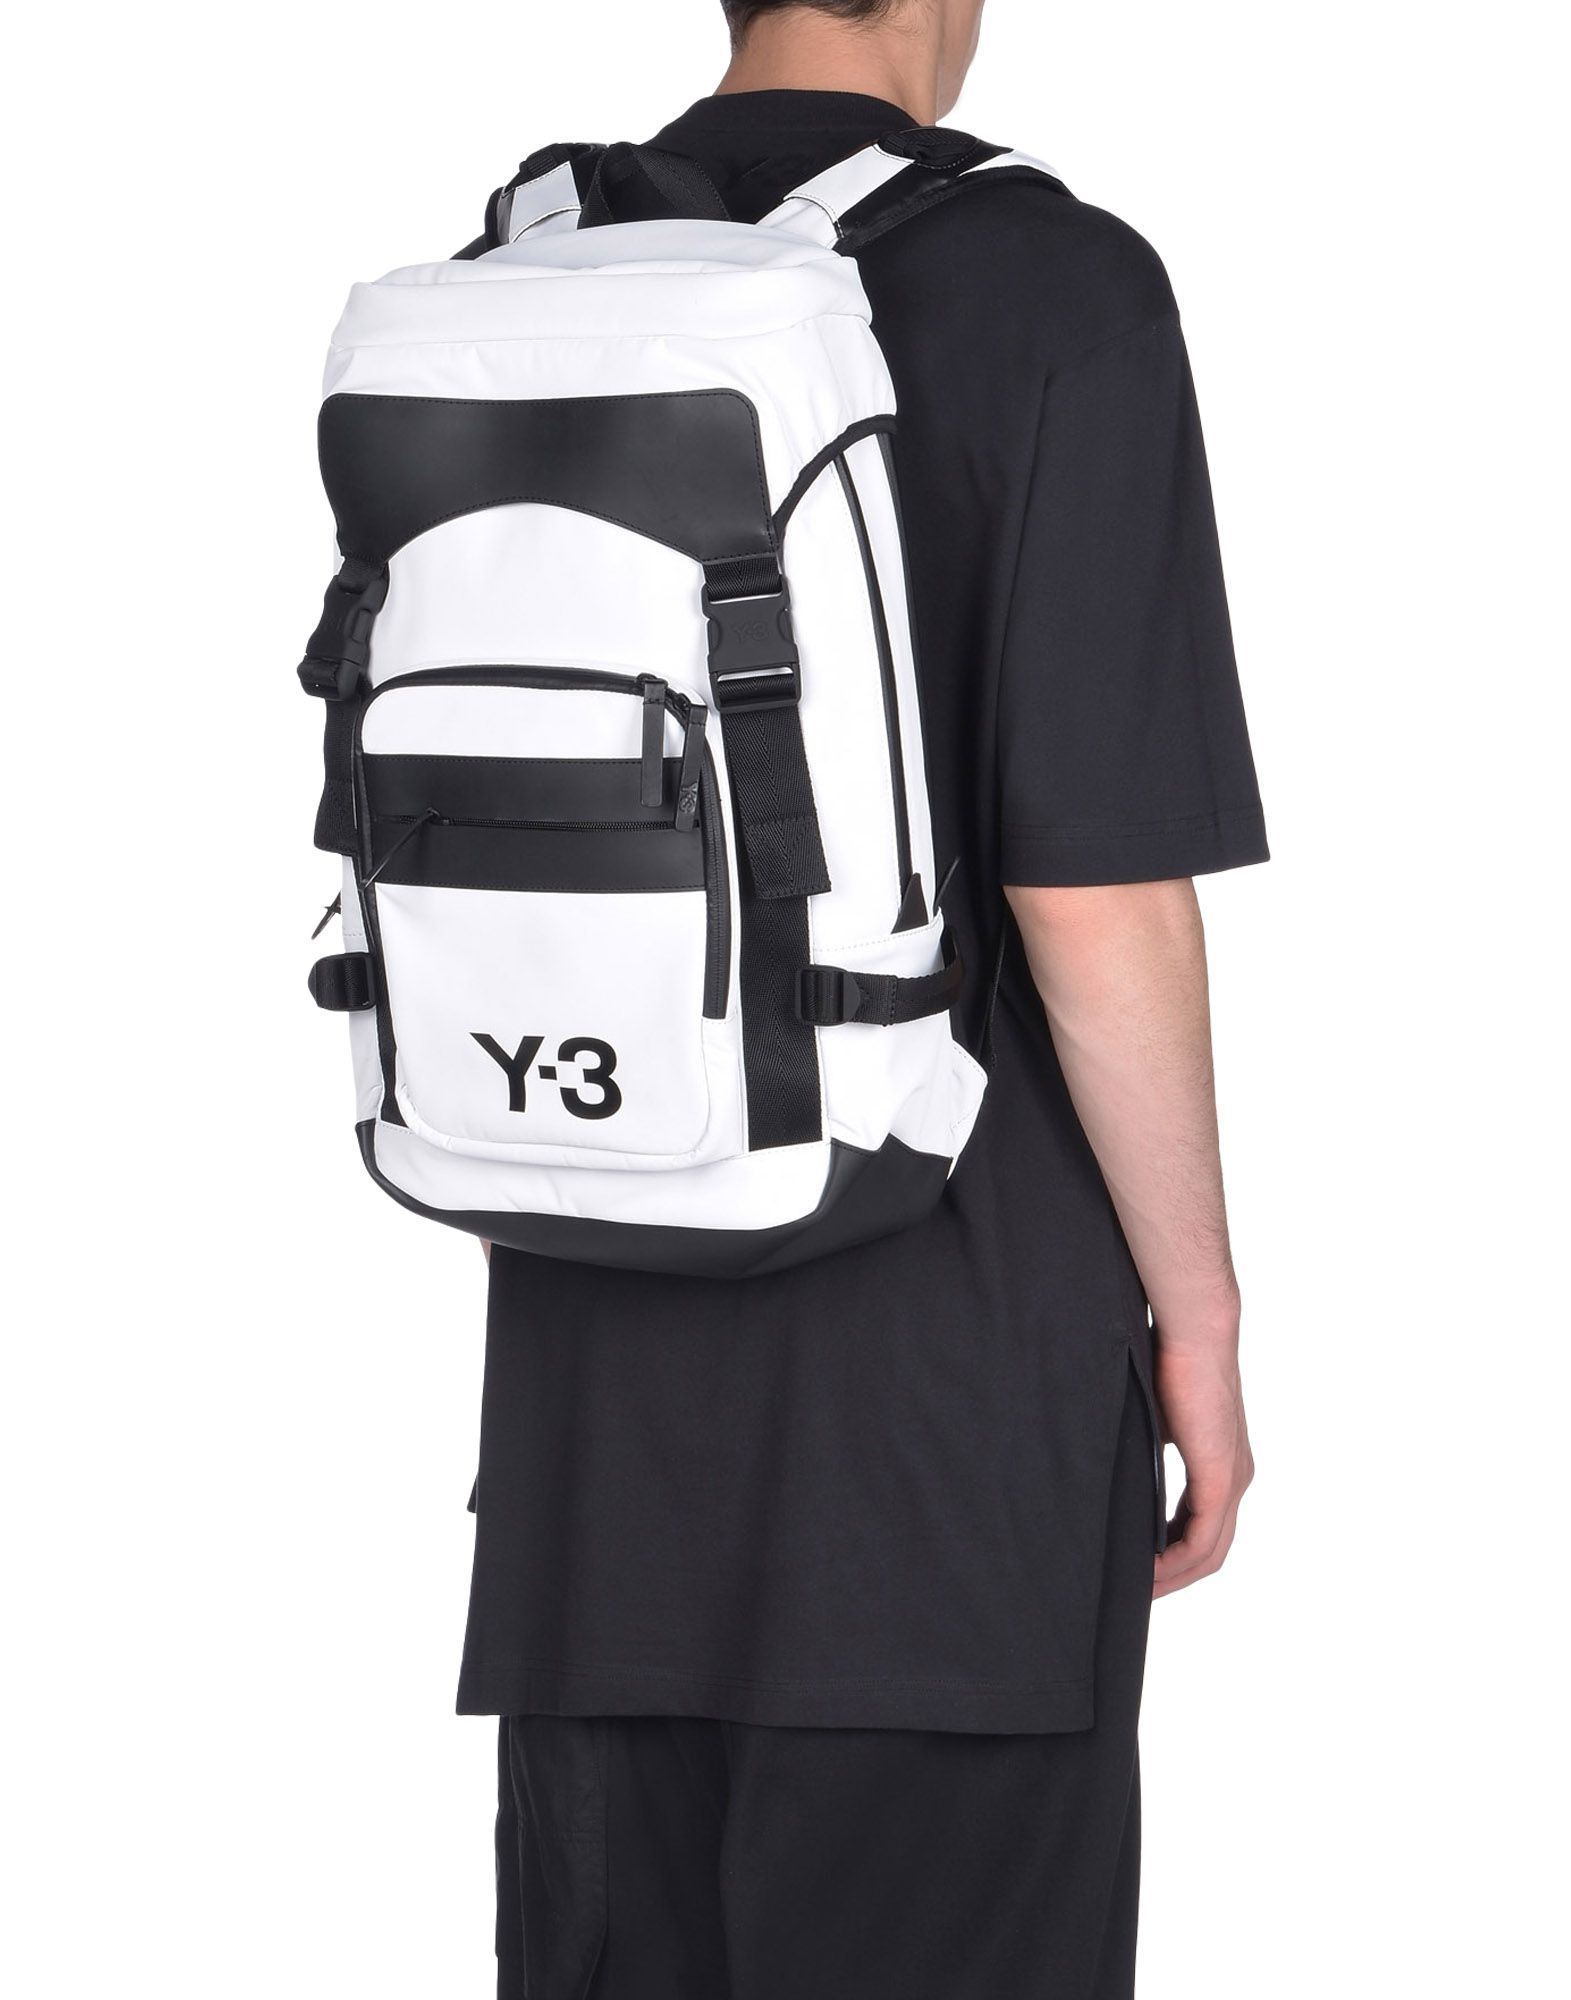 5f463128caa Y-3 ULTRATECH BAG SACS unisex Y-3 adidas   RunningWear   Pinterest ...